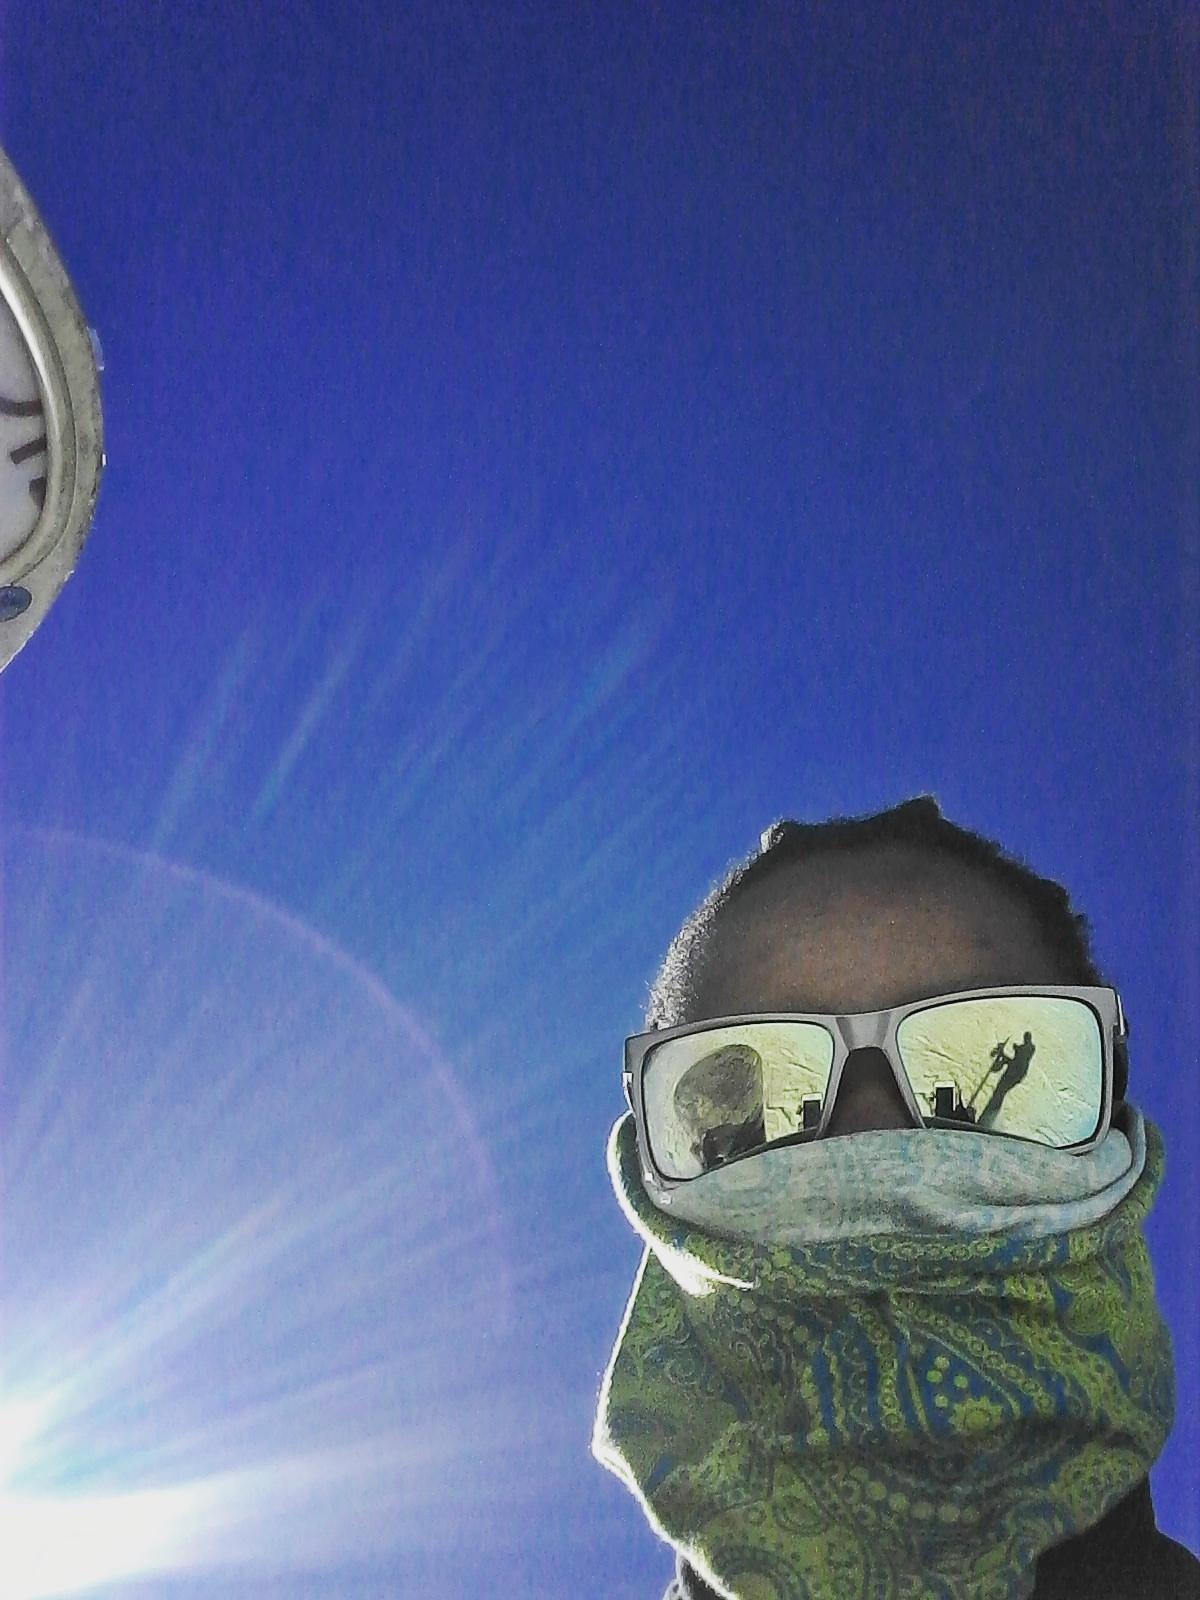 blue_sky_ski_goggles_balaclava